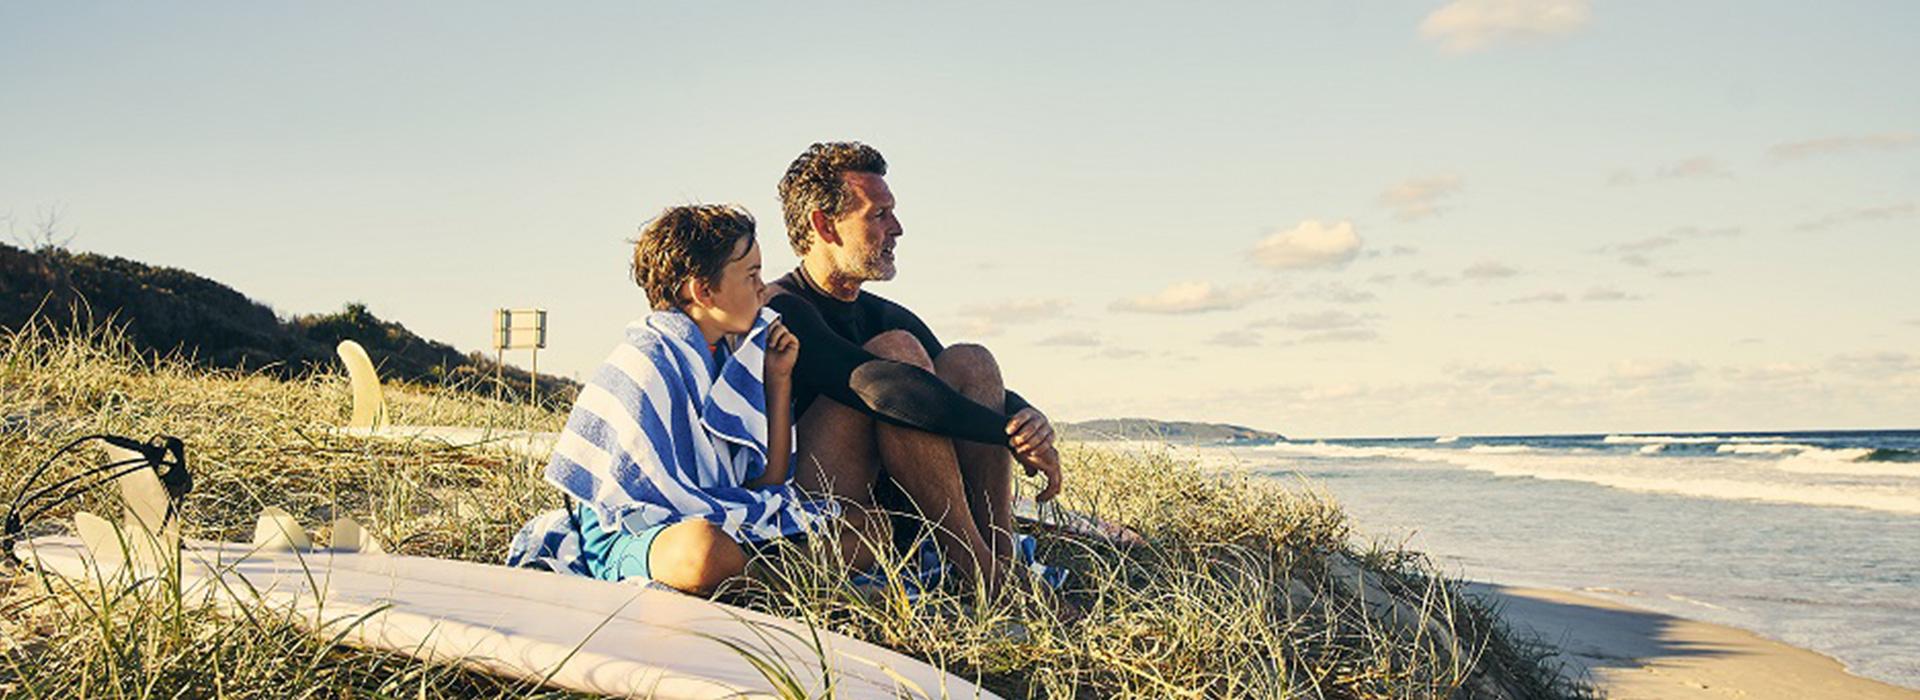 Père et fils au bord de la plage Cap France